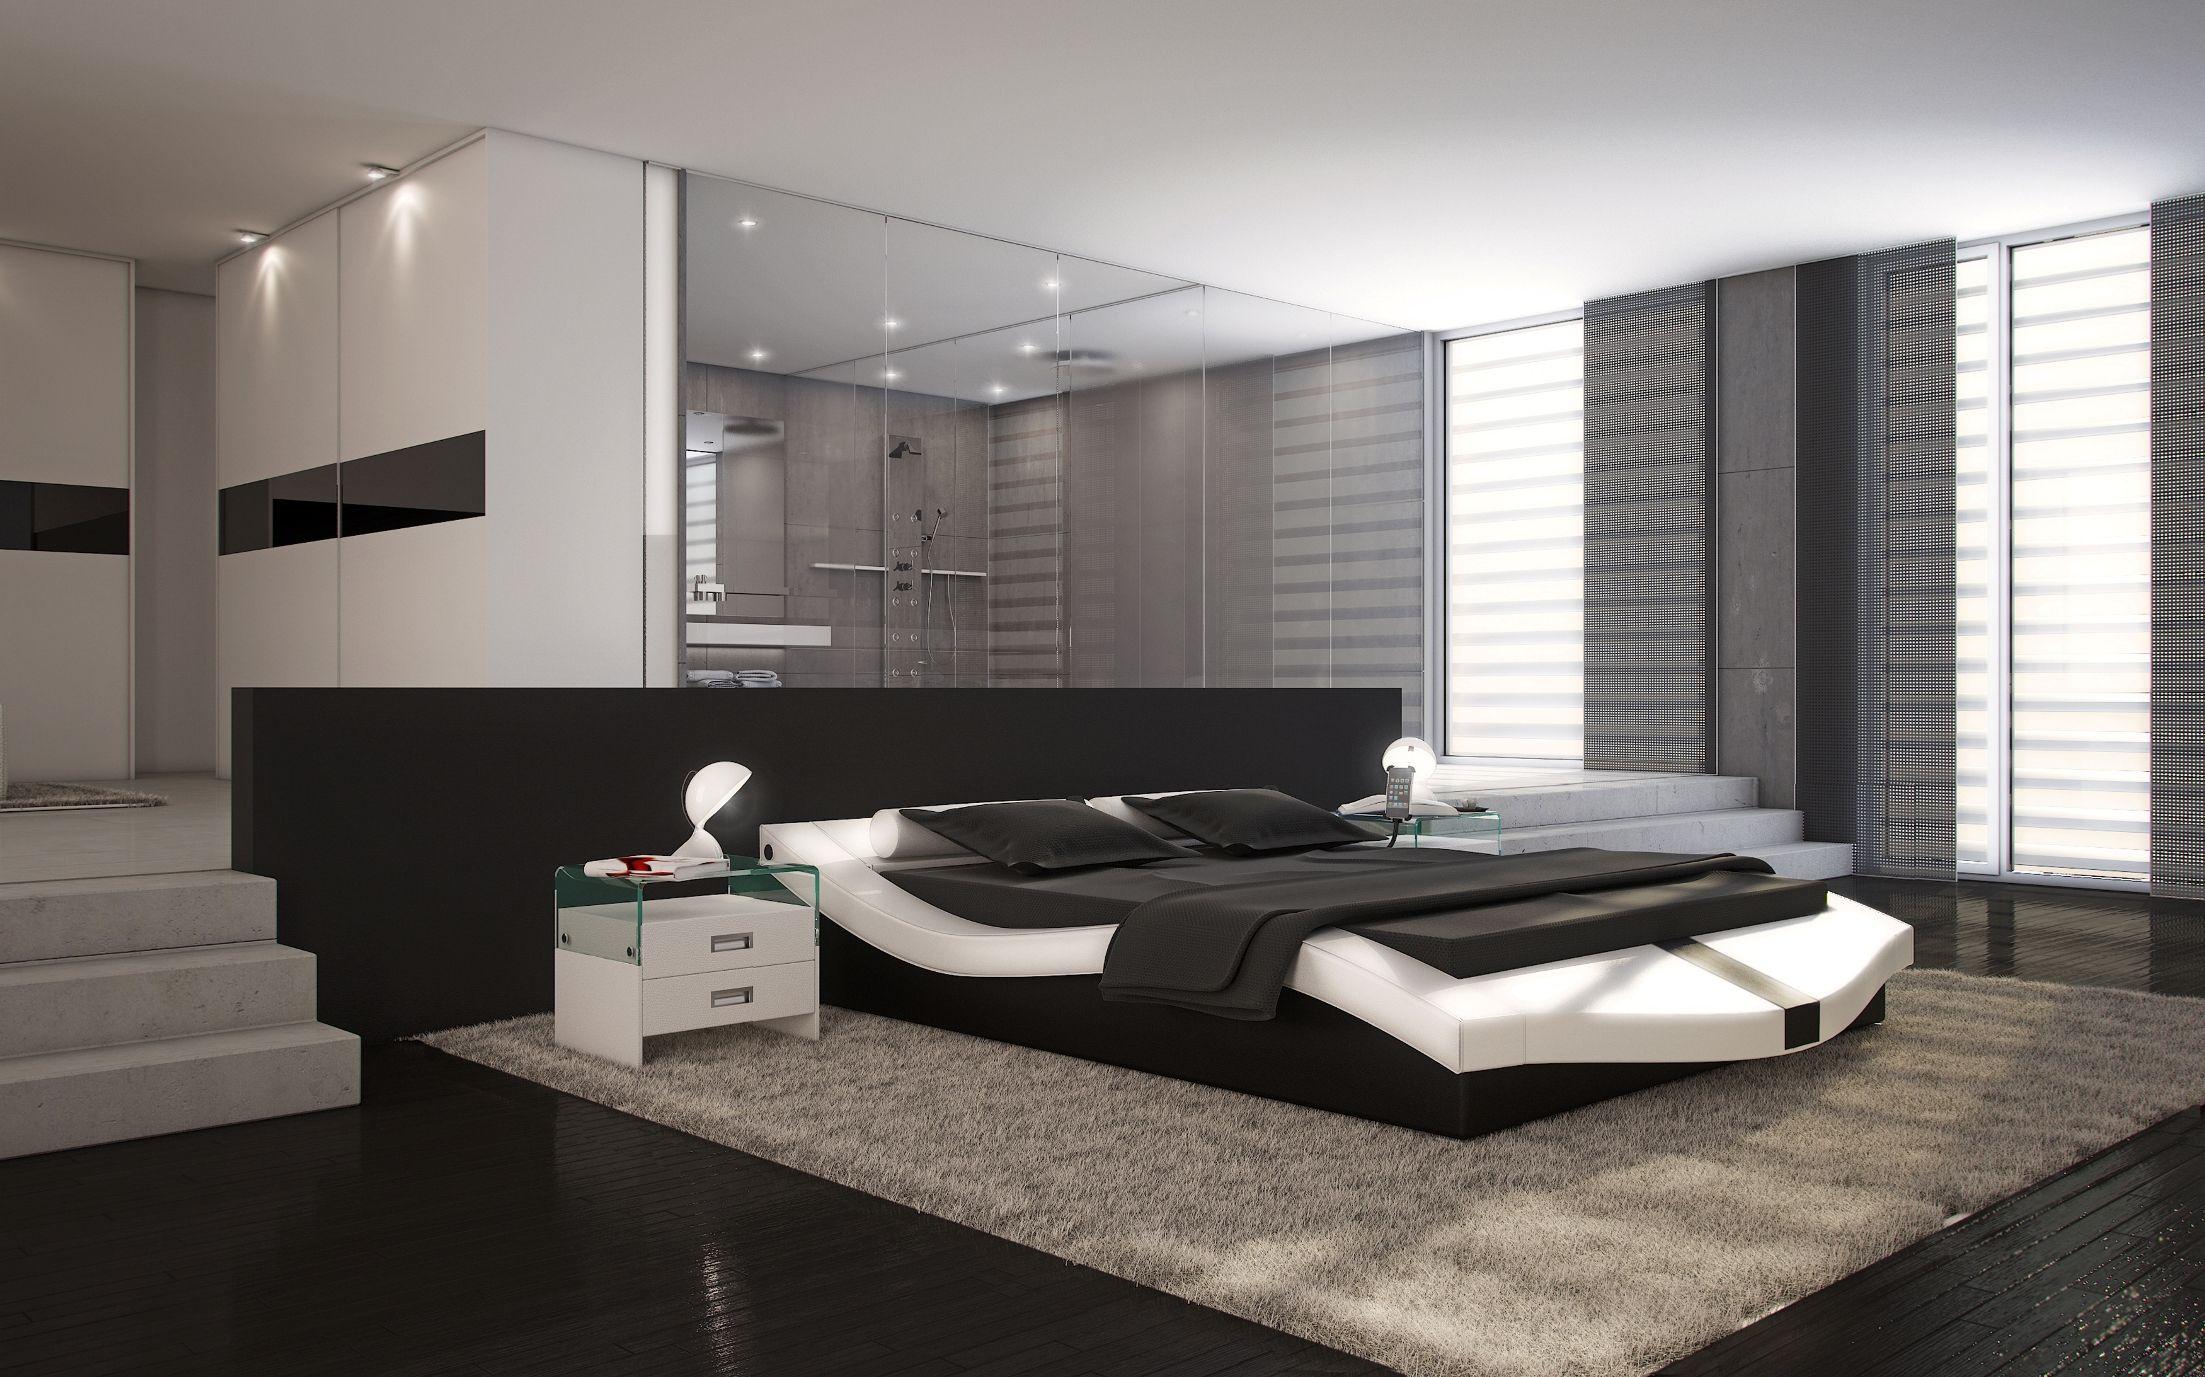 schlafzimmer modern design chillege wohnideen design - Designer Schlafzimmer